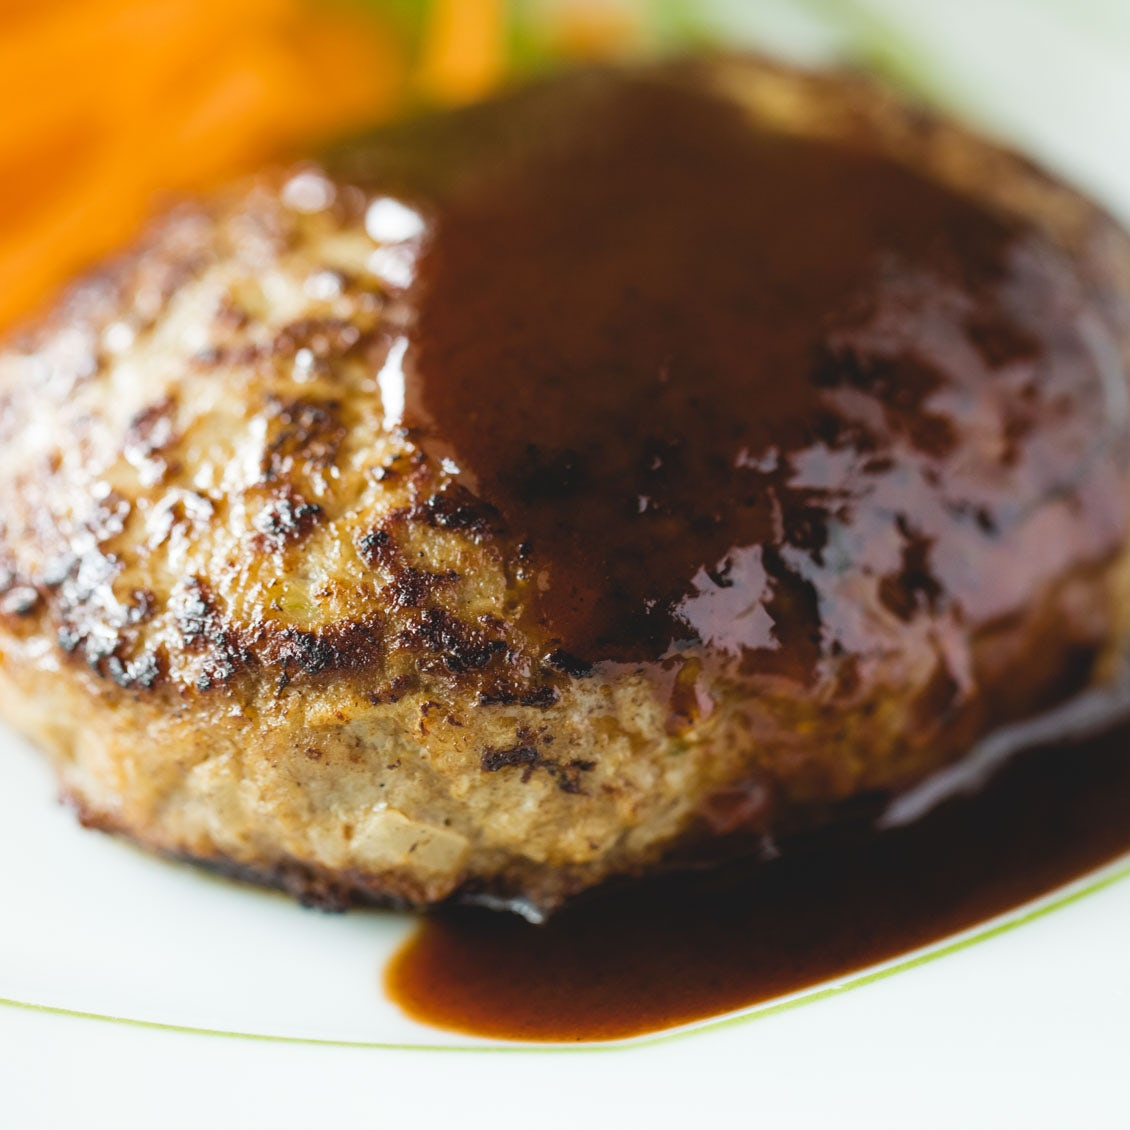 【なつかしい洋食】ふわふわだと、こんなにも美味しい。今こそ知りたい王道「ハンバーグ」のレシピ